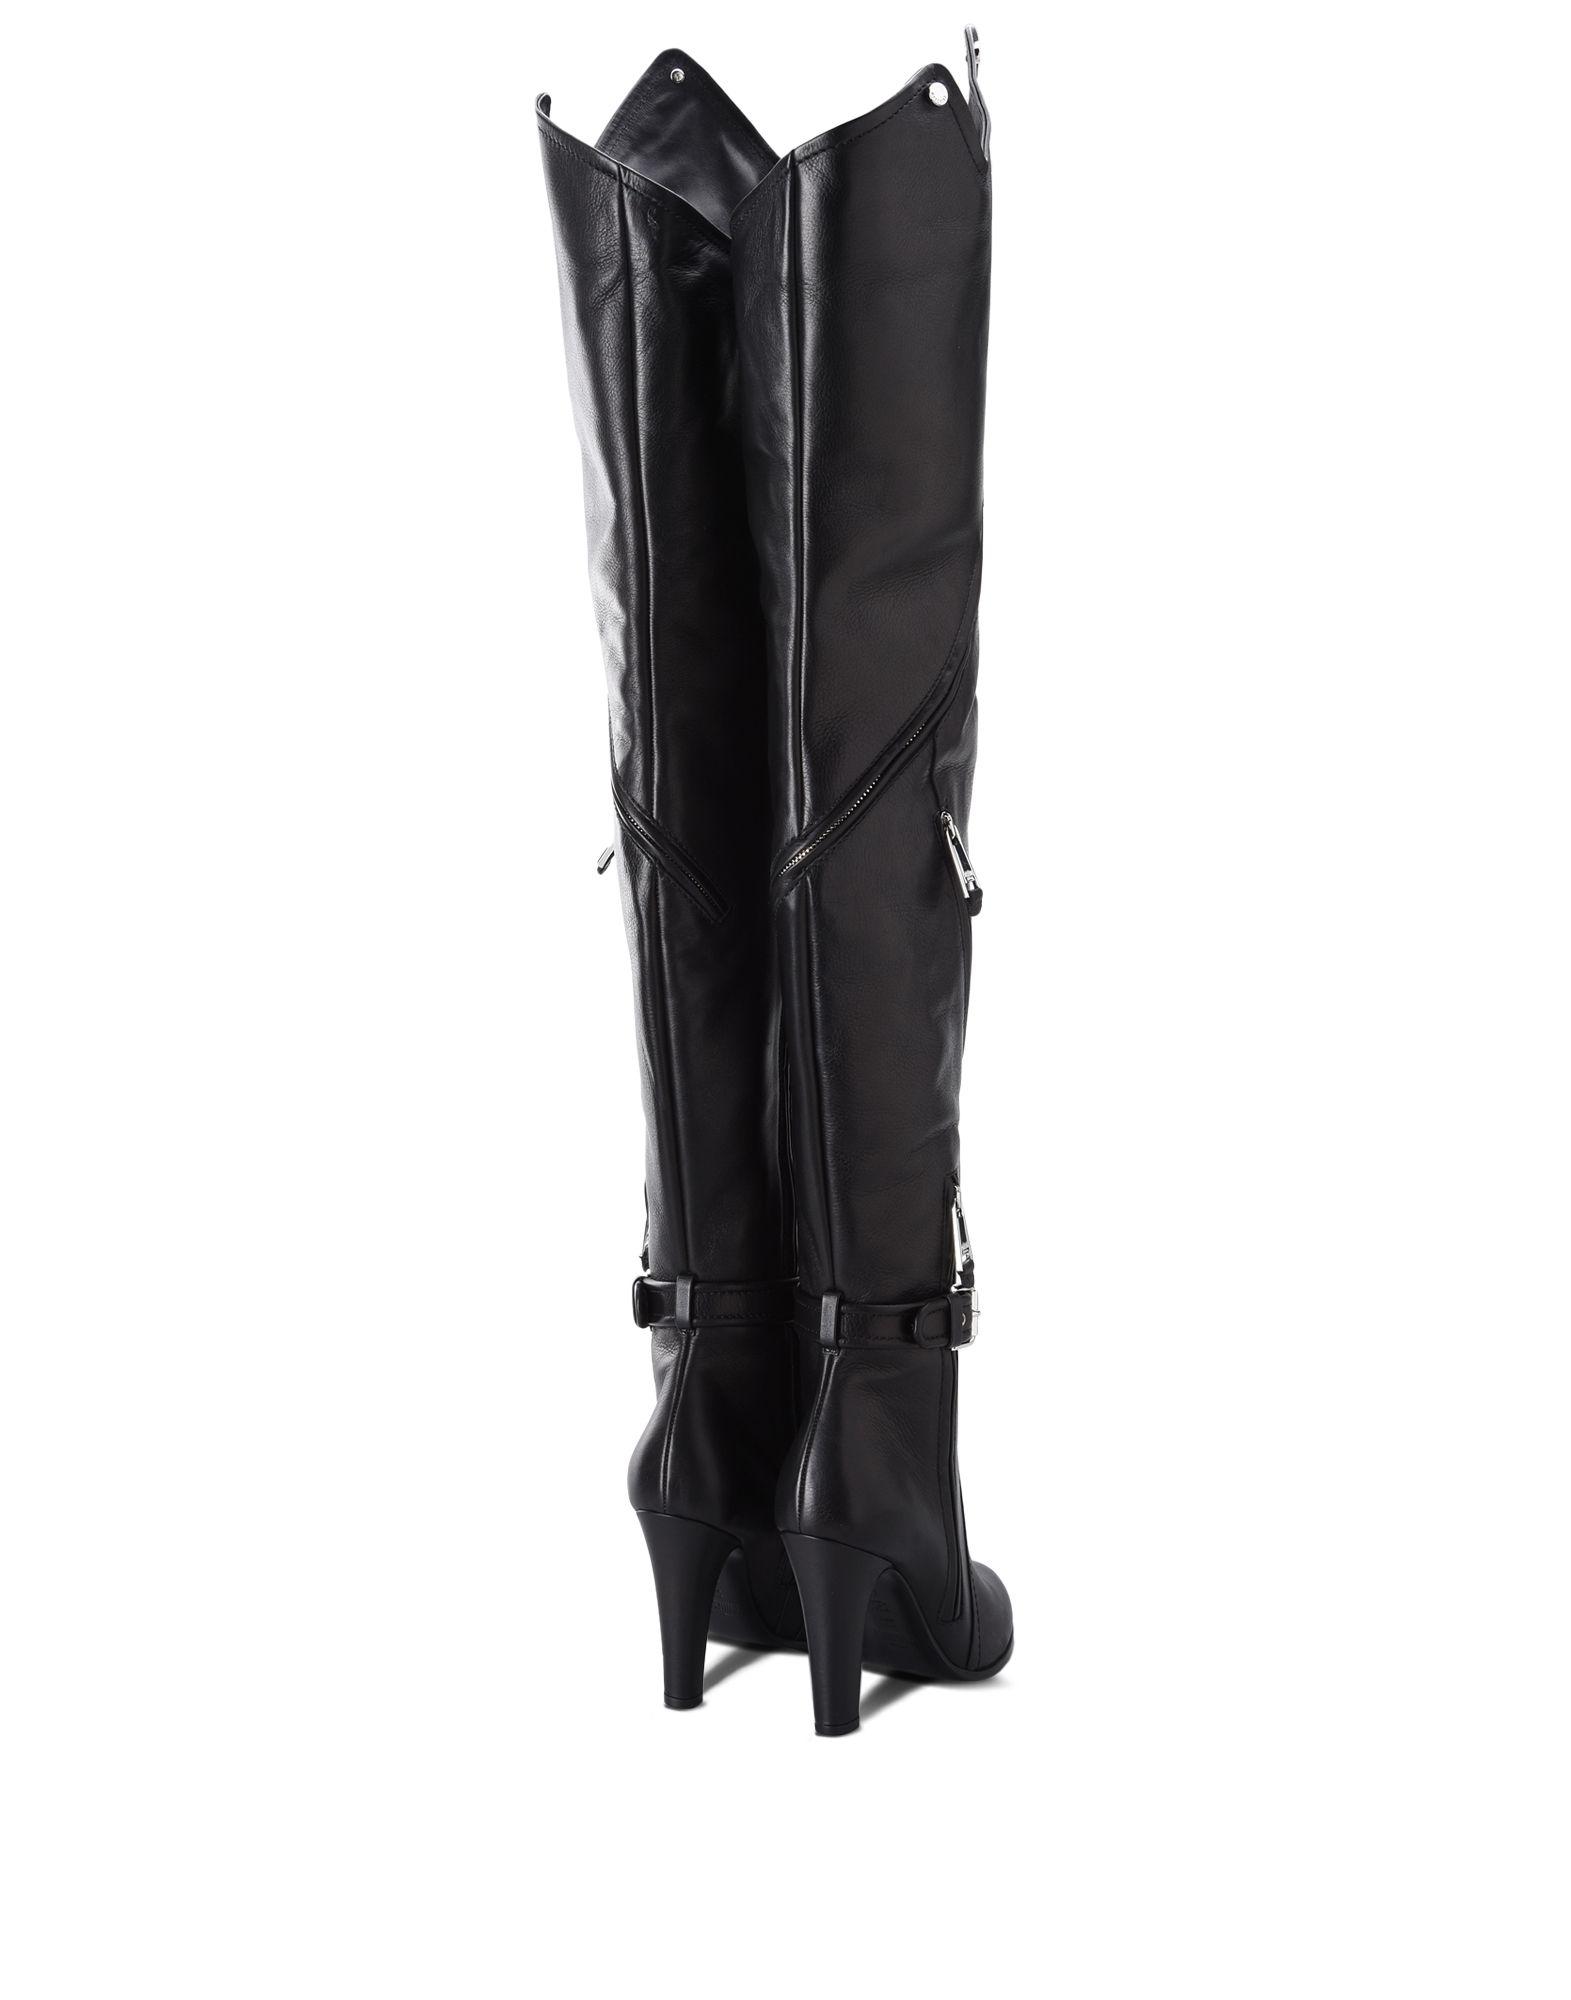 Haltbare Mode billige Schuhe Moschino Stiefel Damen  11280647FS Heiße Schuhe